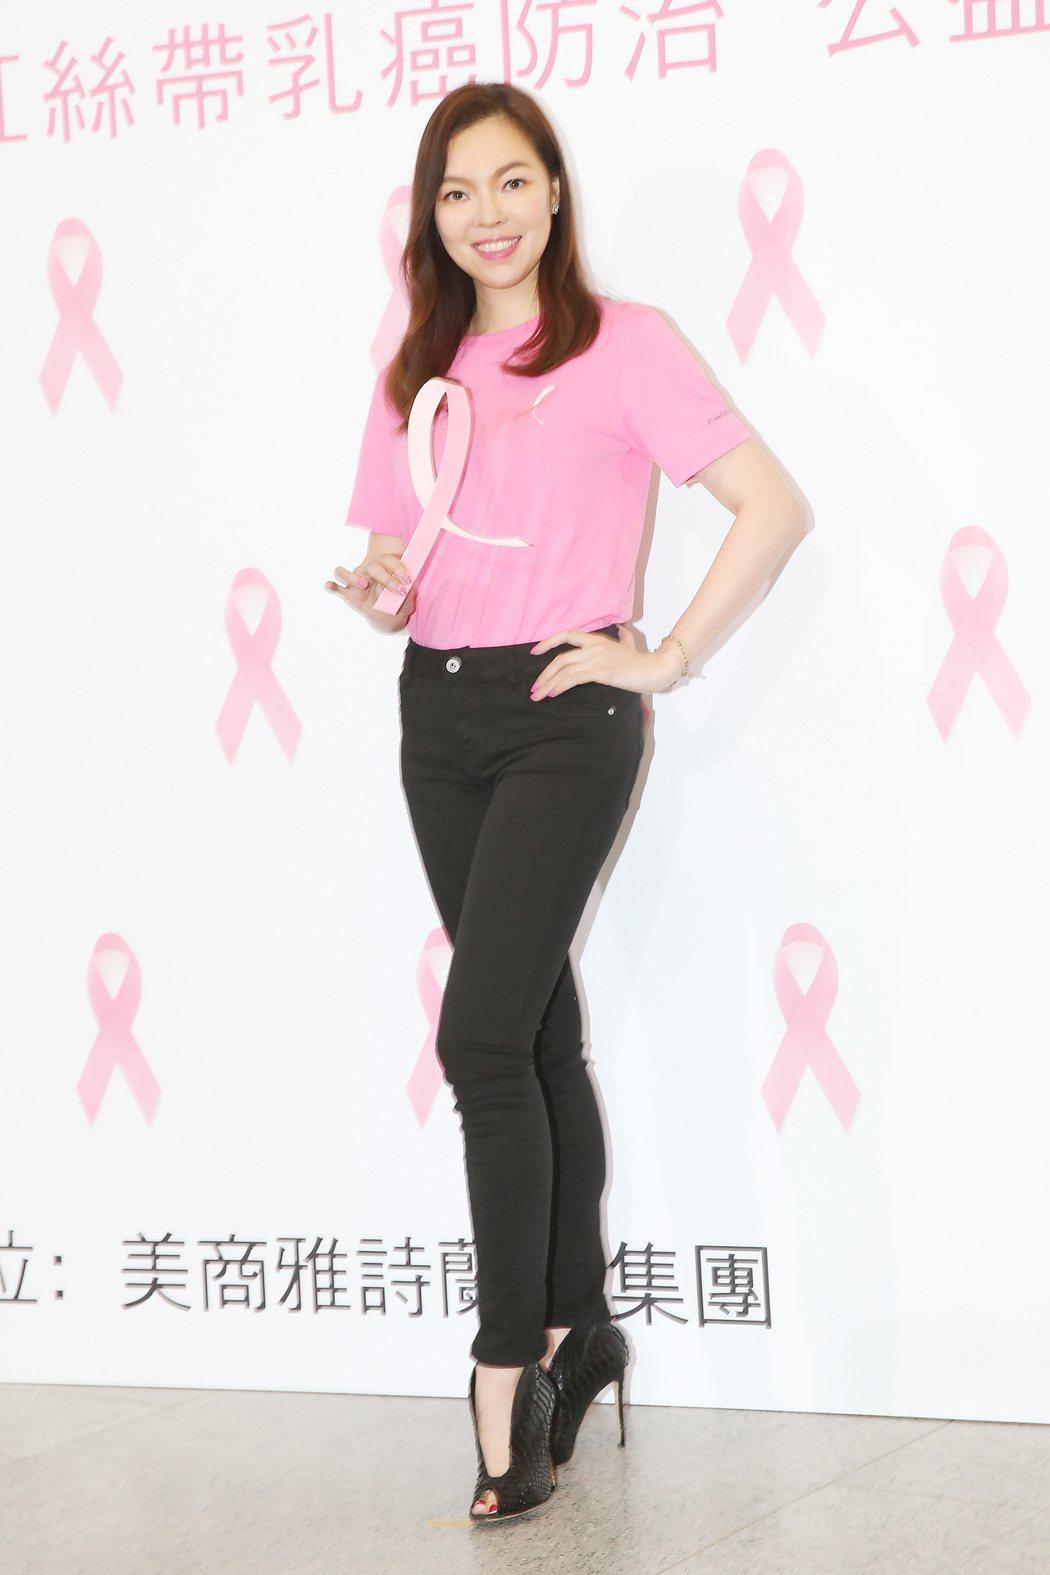 化妝品品牌舉辦防治乳癌線上公益演唱,邀請曾馨瑩(圖)擔任「粉紅絲帶公益大使」,為...